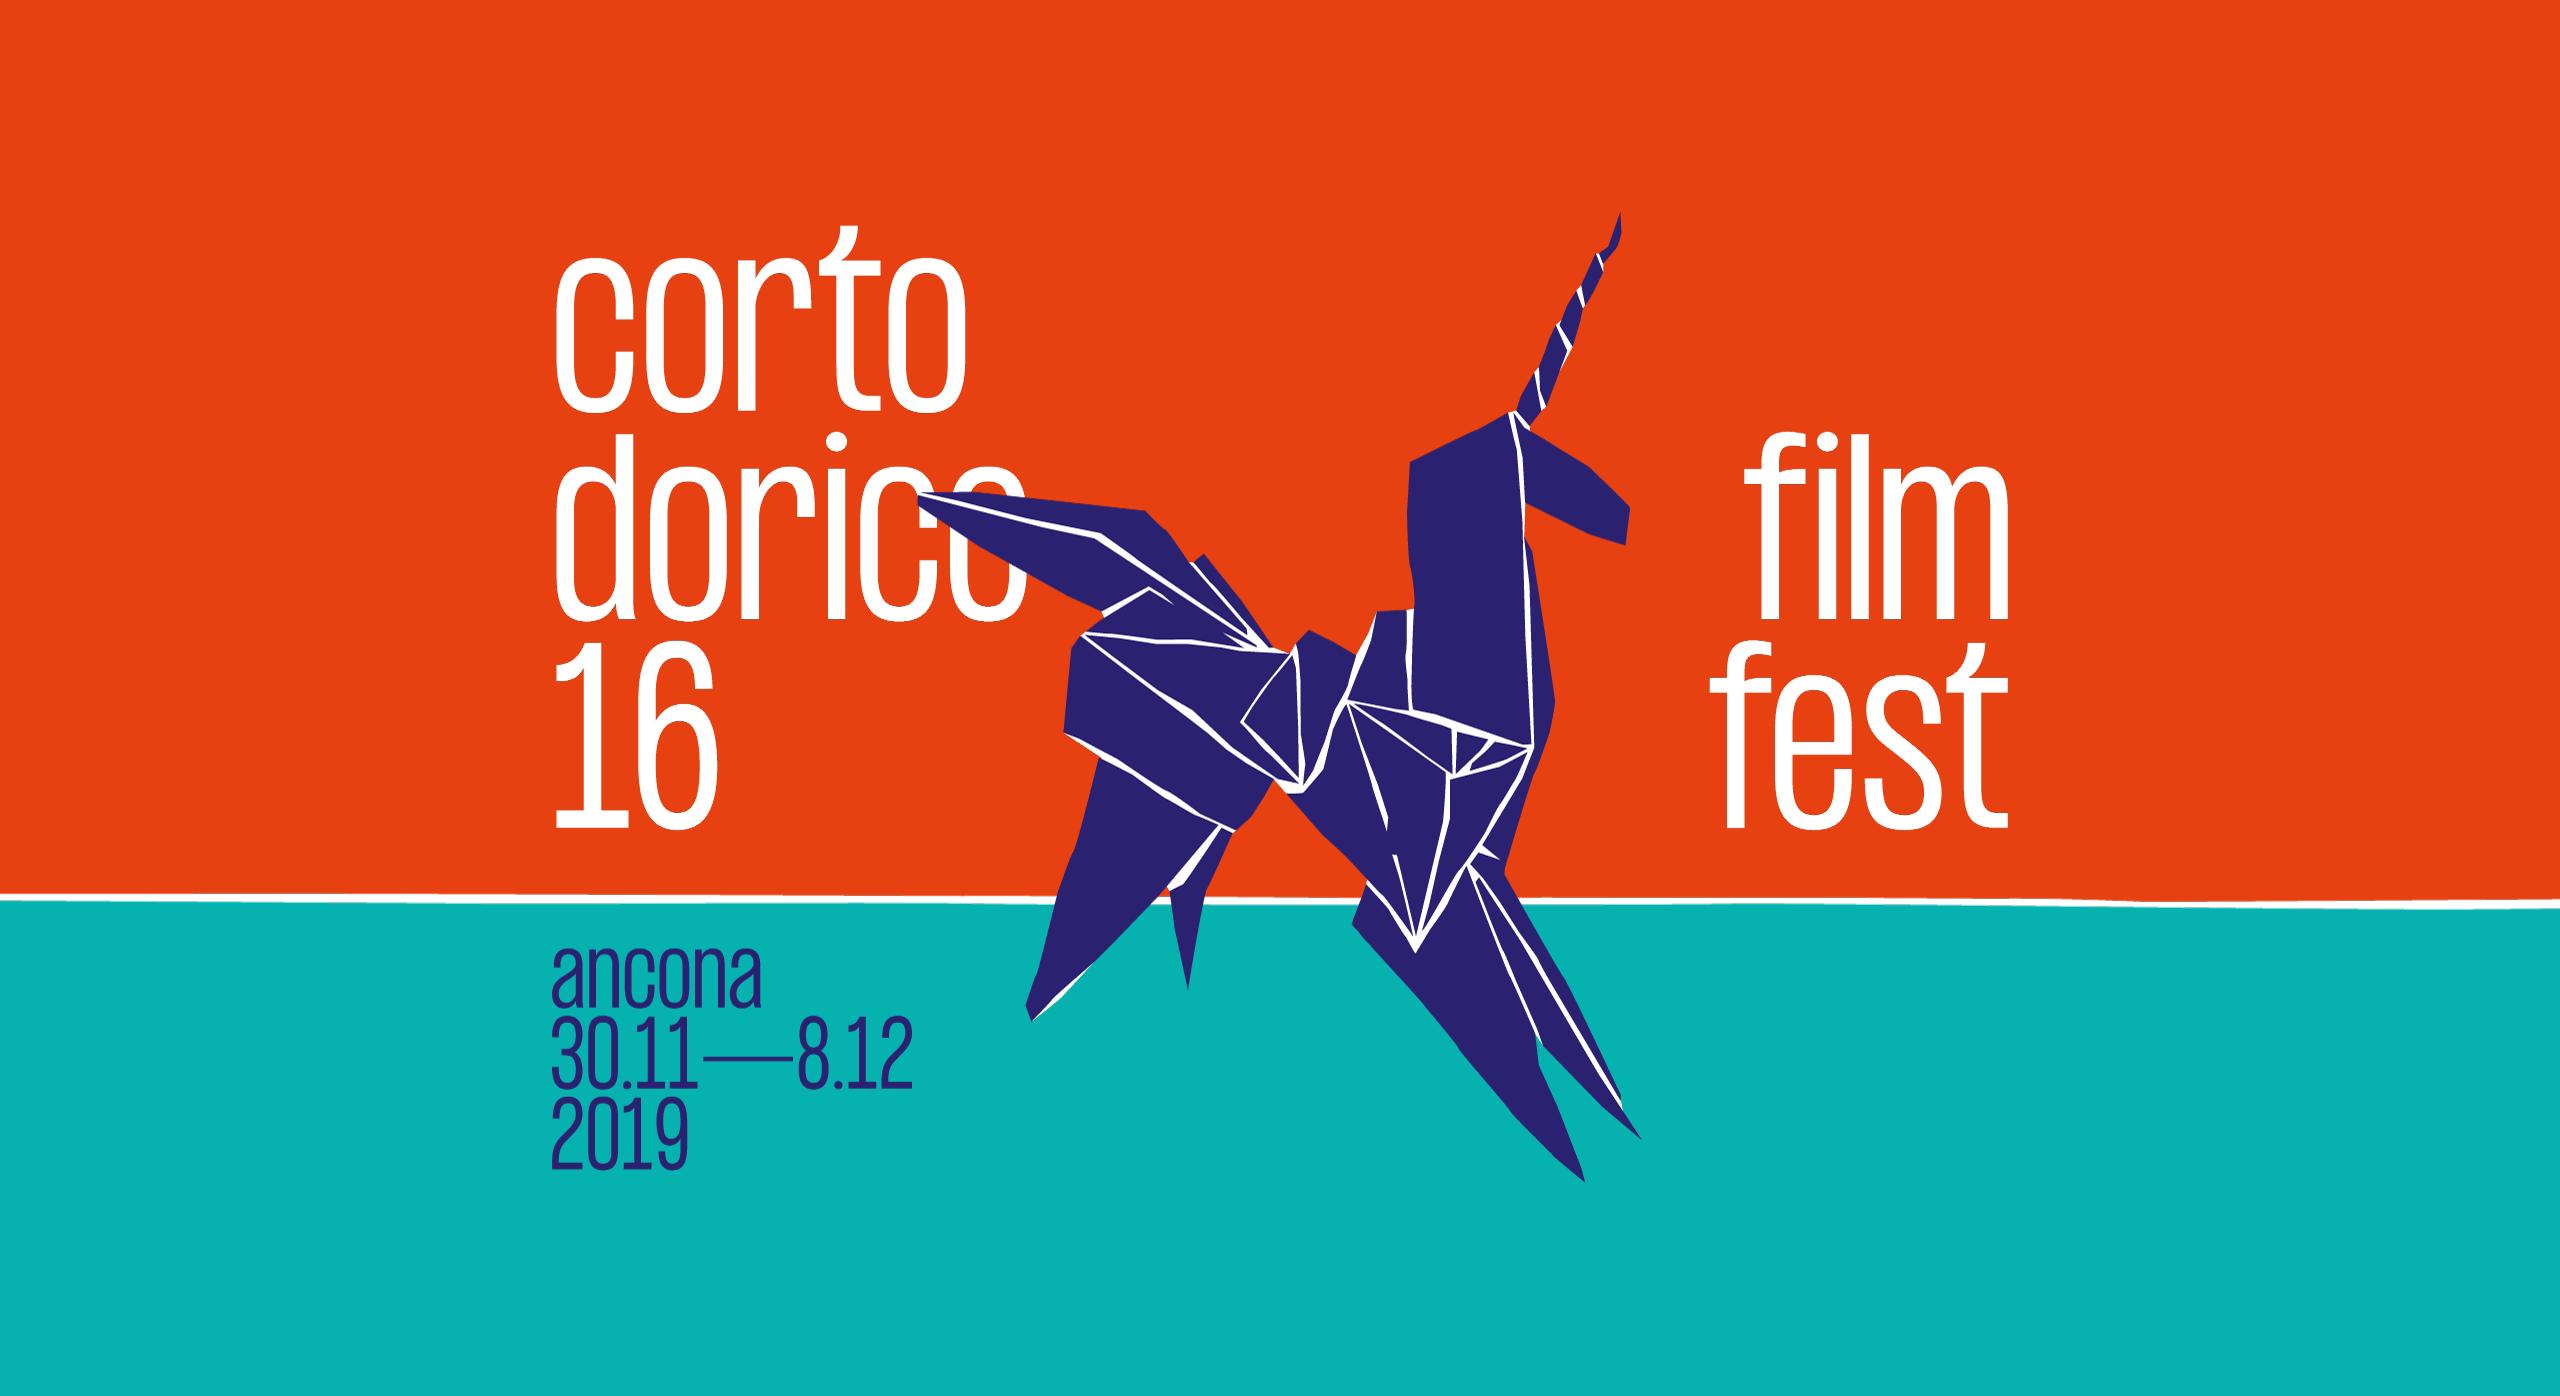 Corto Dorico Film Fest tutti i premiati zerkalo spettacolo